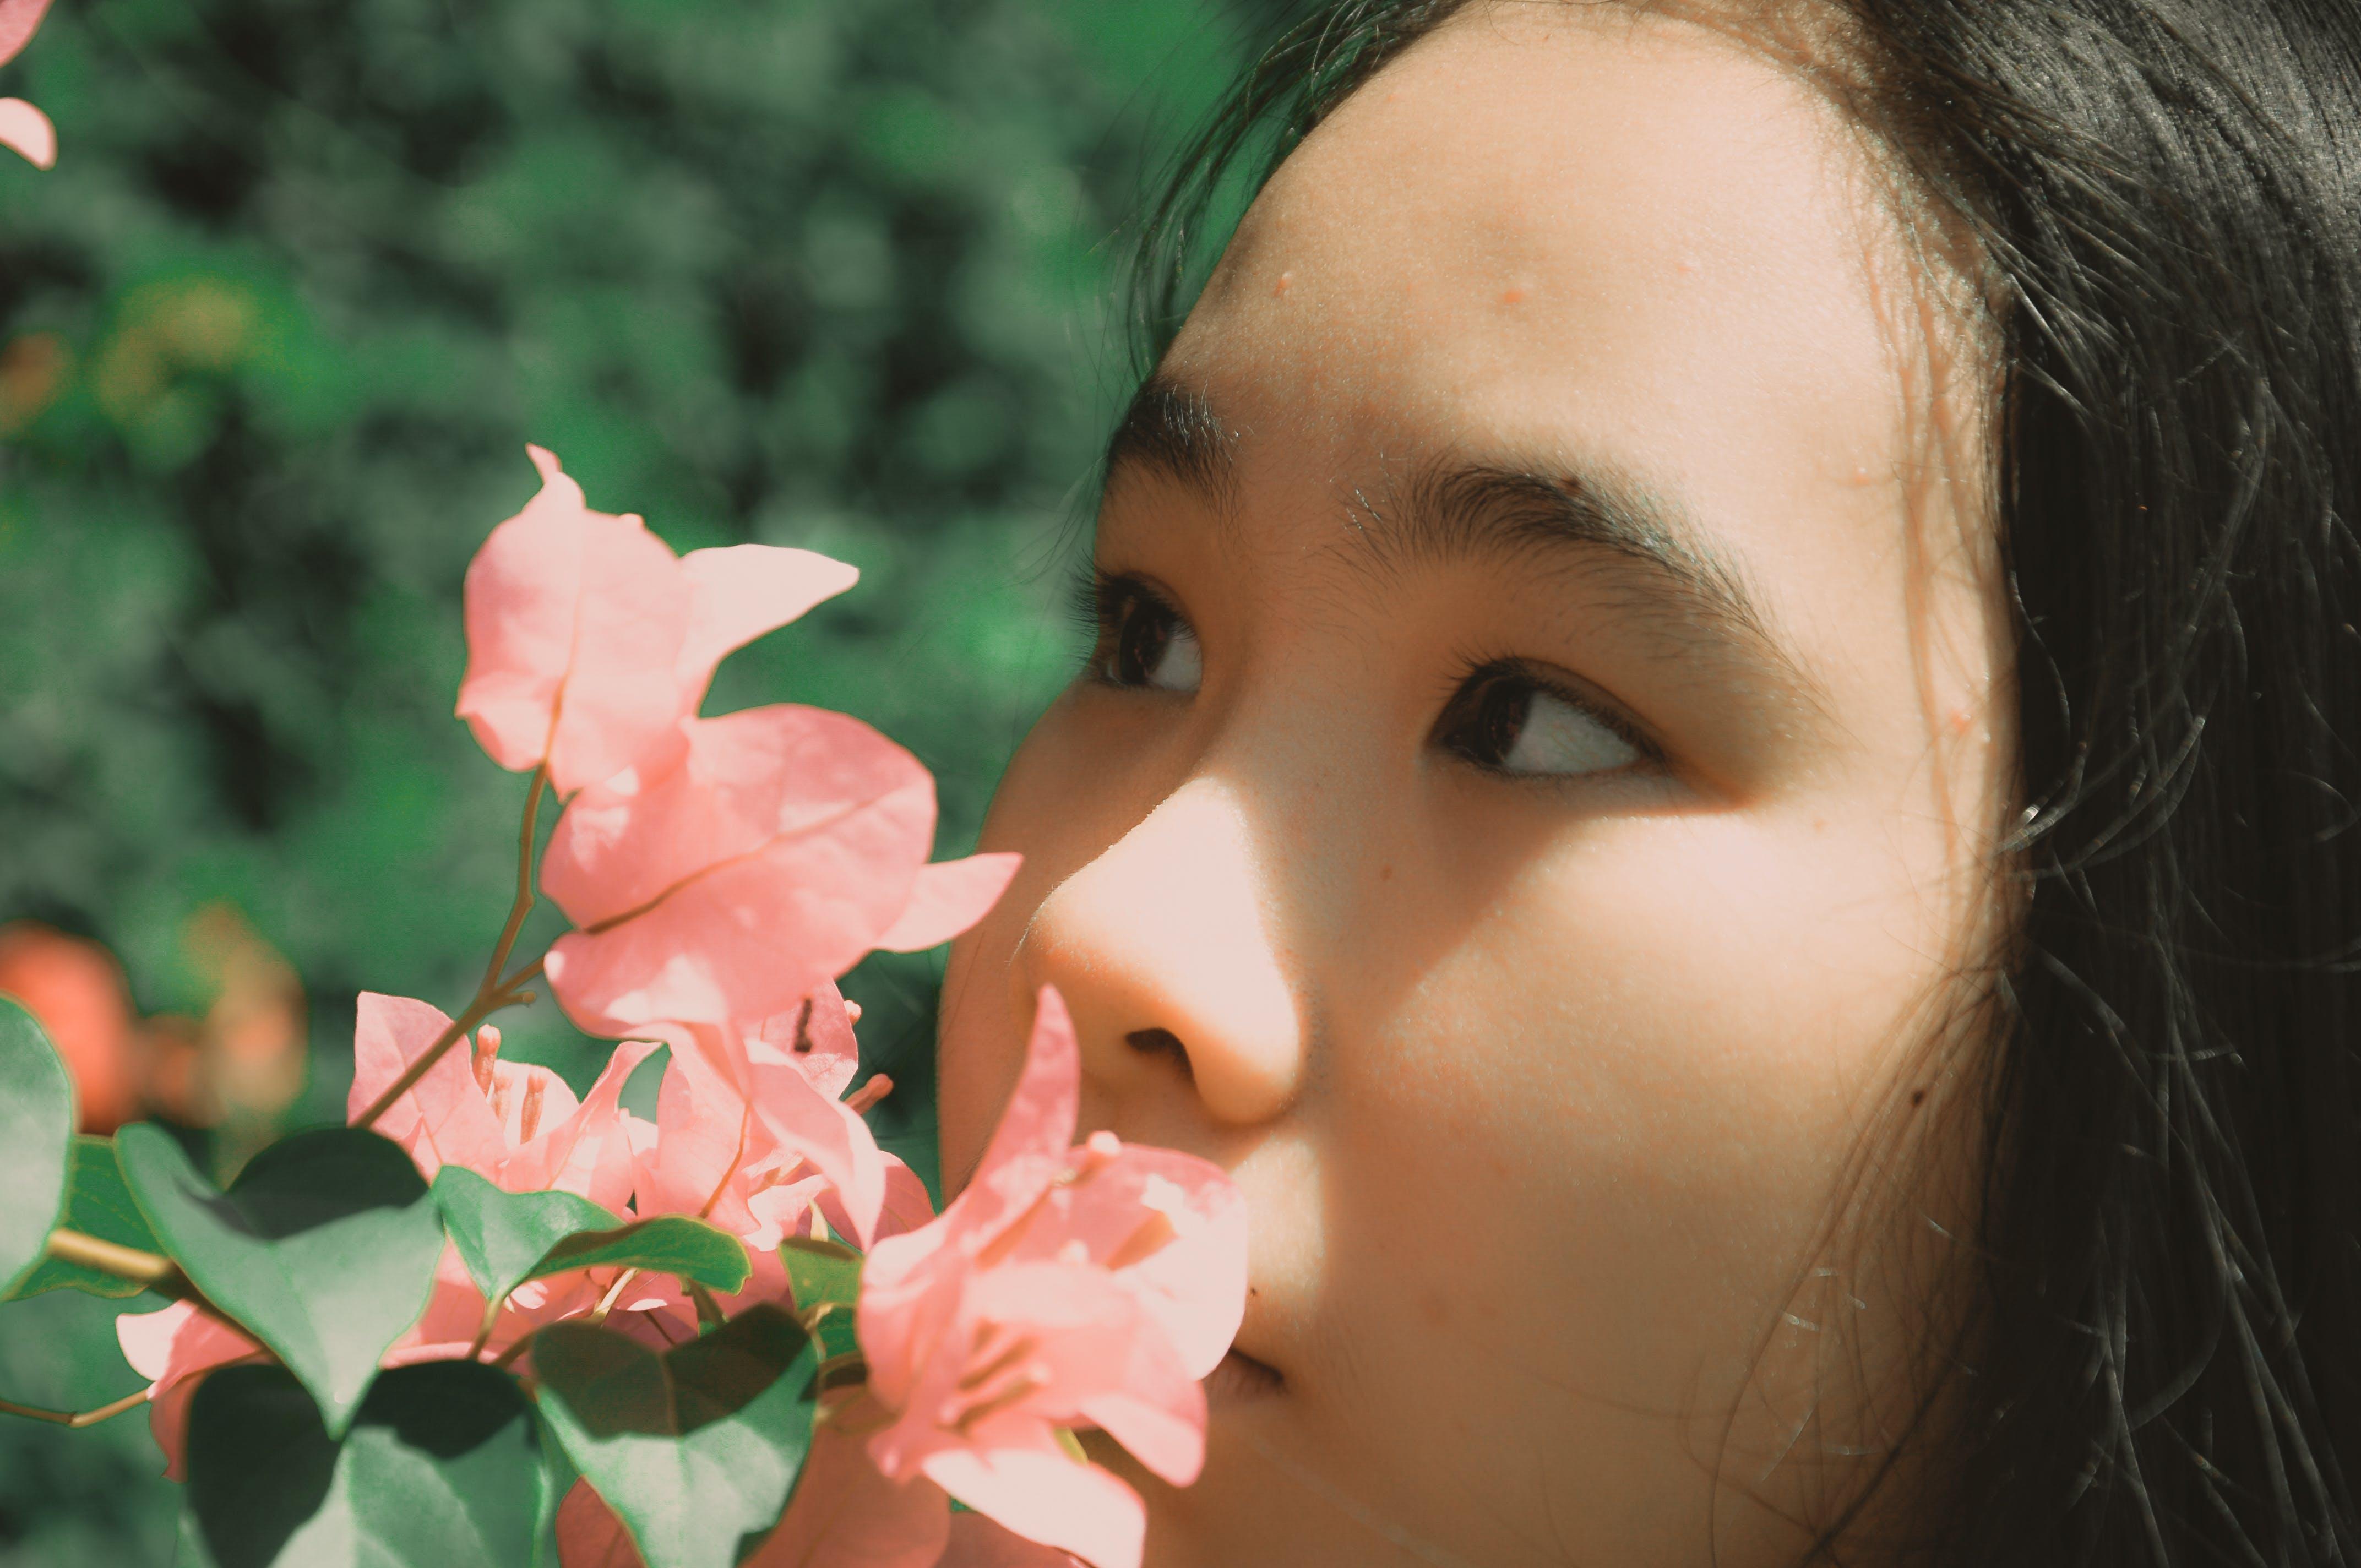 Gratis stockfoto met aantrekkelijk mooi, Aziatische vrouw, bloemen, flora